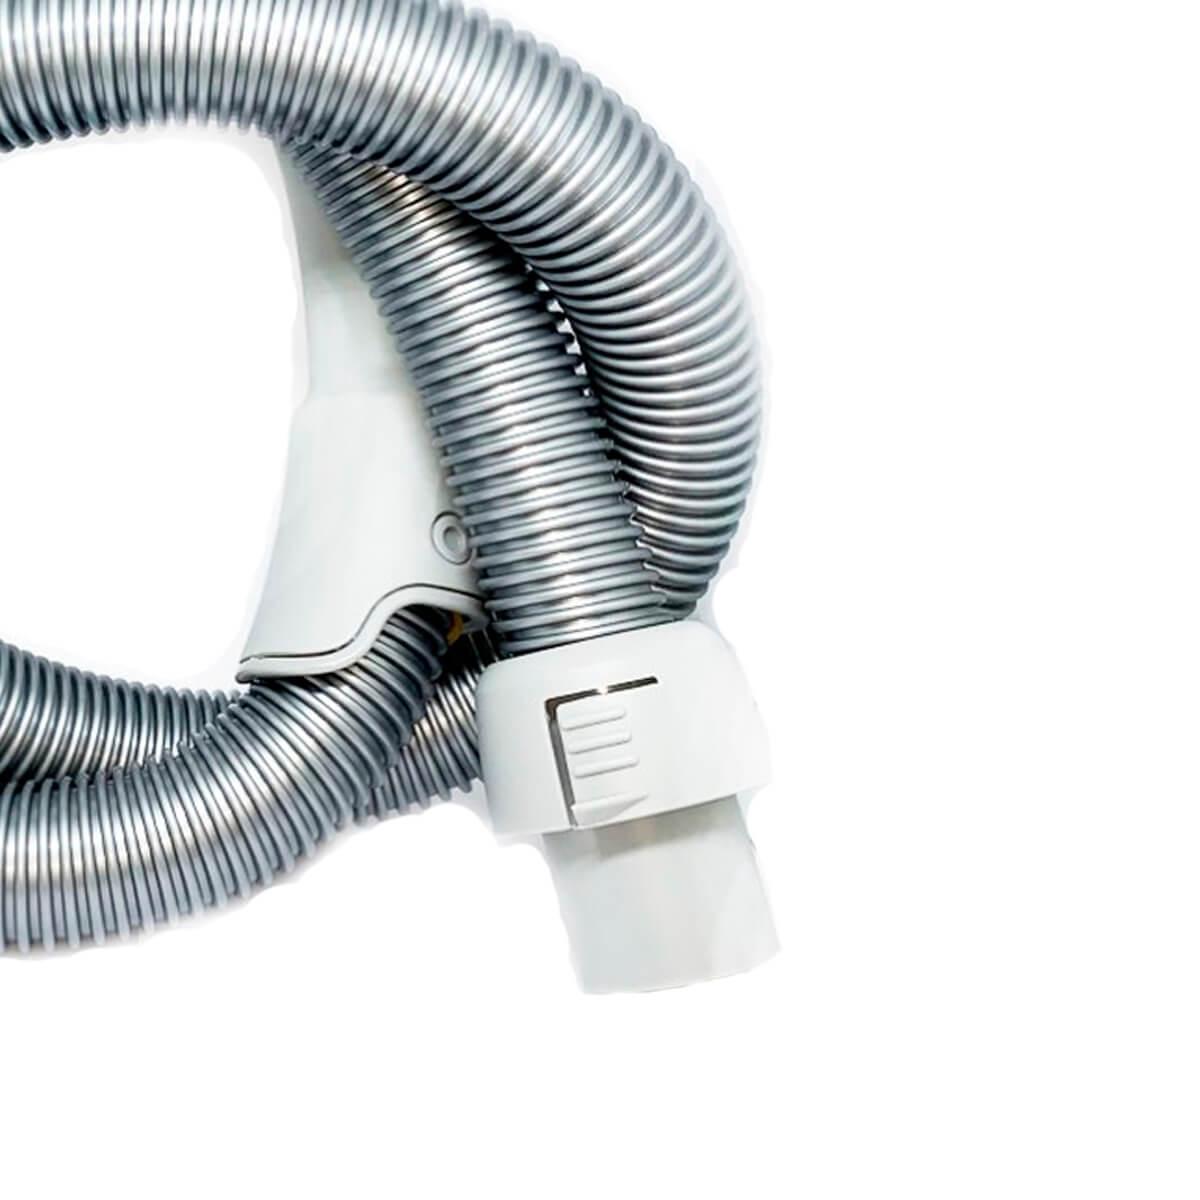 Mangueira Completa Para Aspirador Electrolux Litef - Lt004456